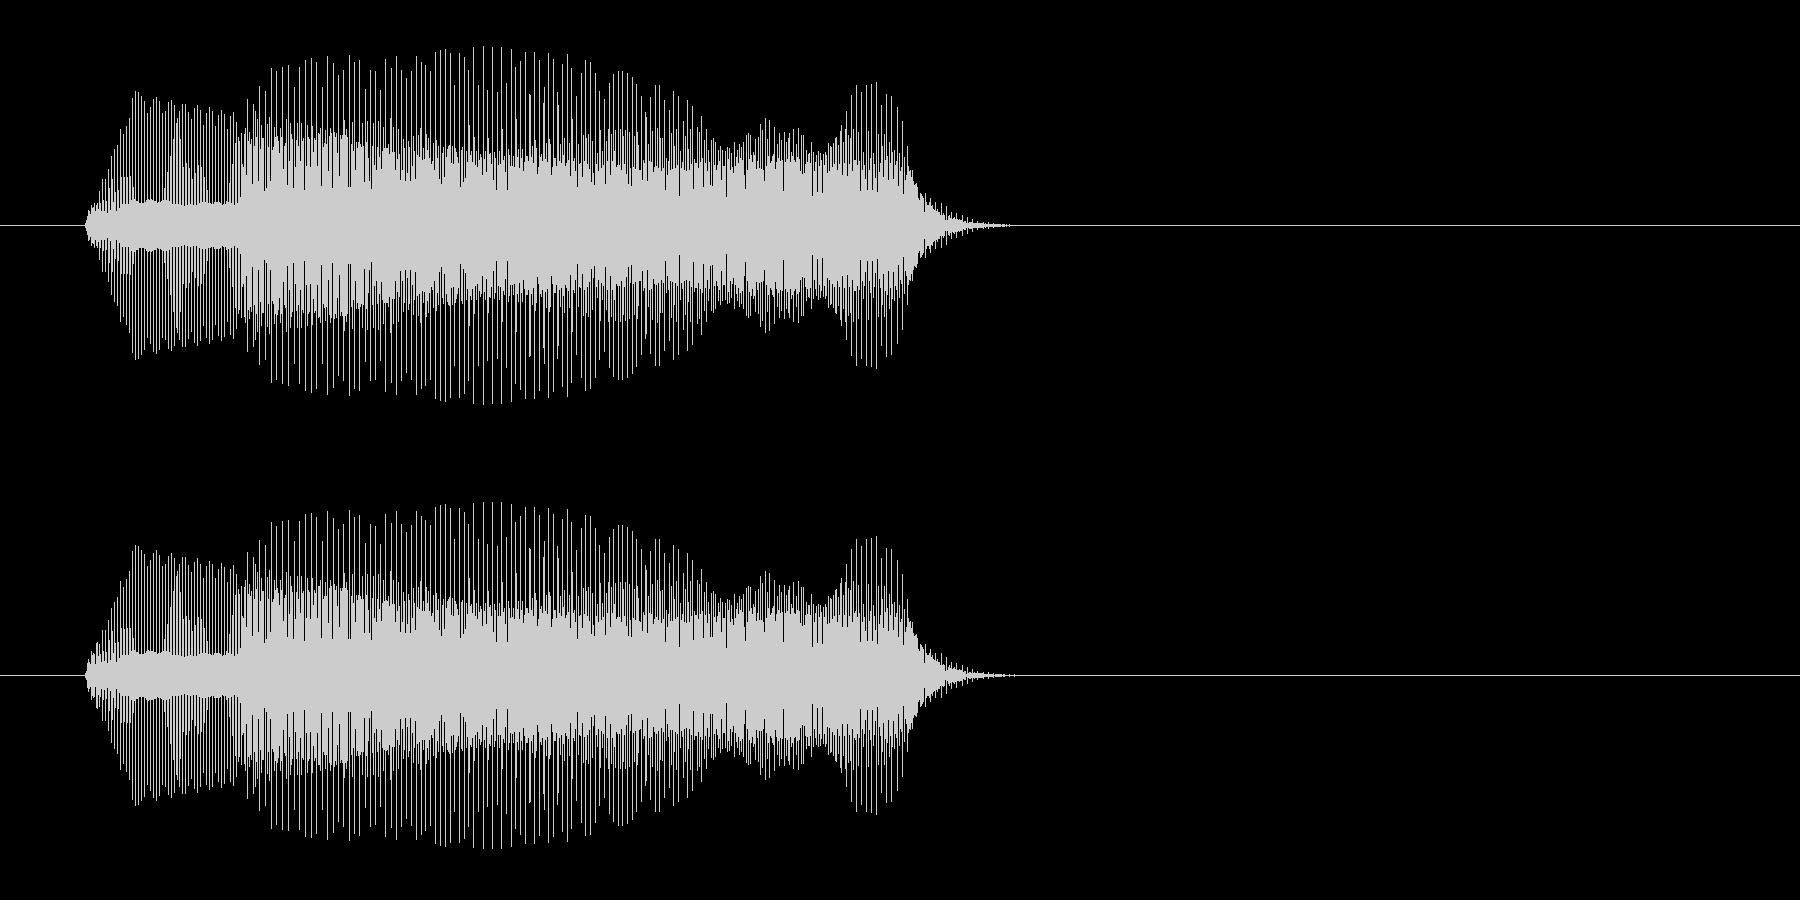 チューッ(小動物の鳴き声に似た効果音)の未再生の波形